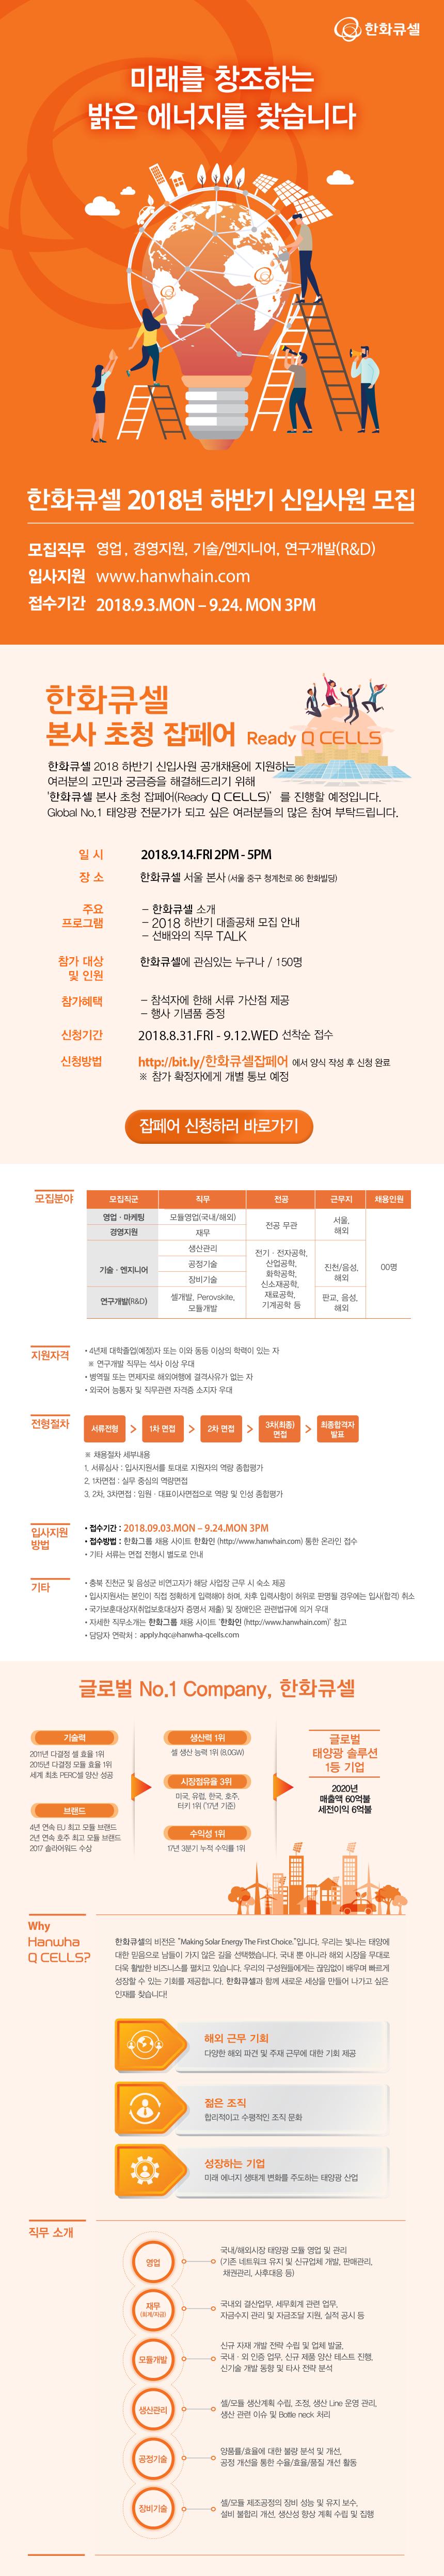 한화큐셀_18하 공채 홍보물.png